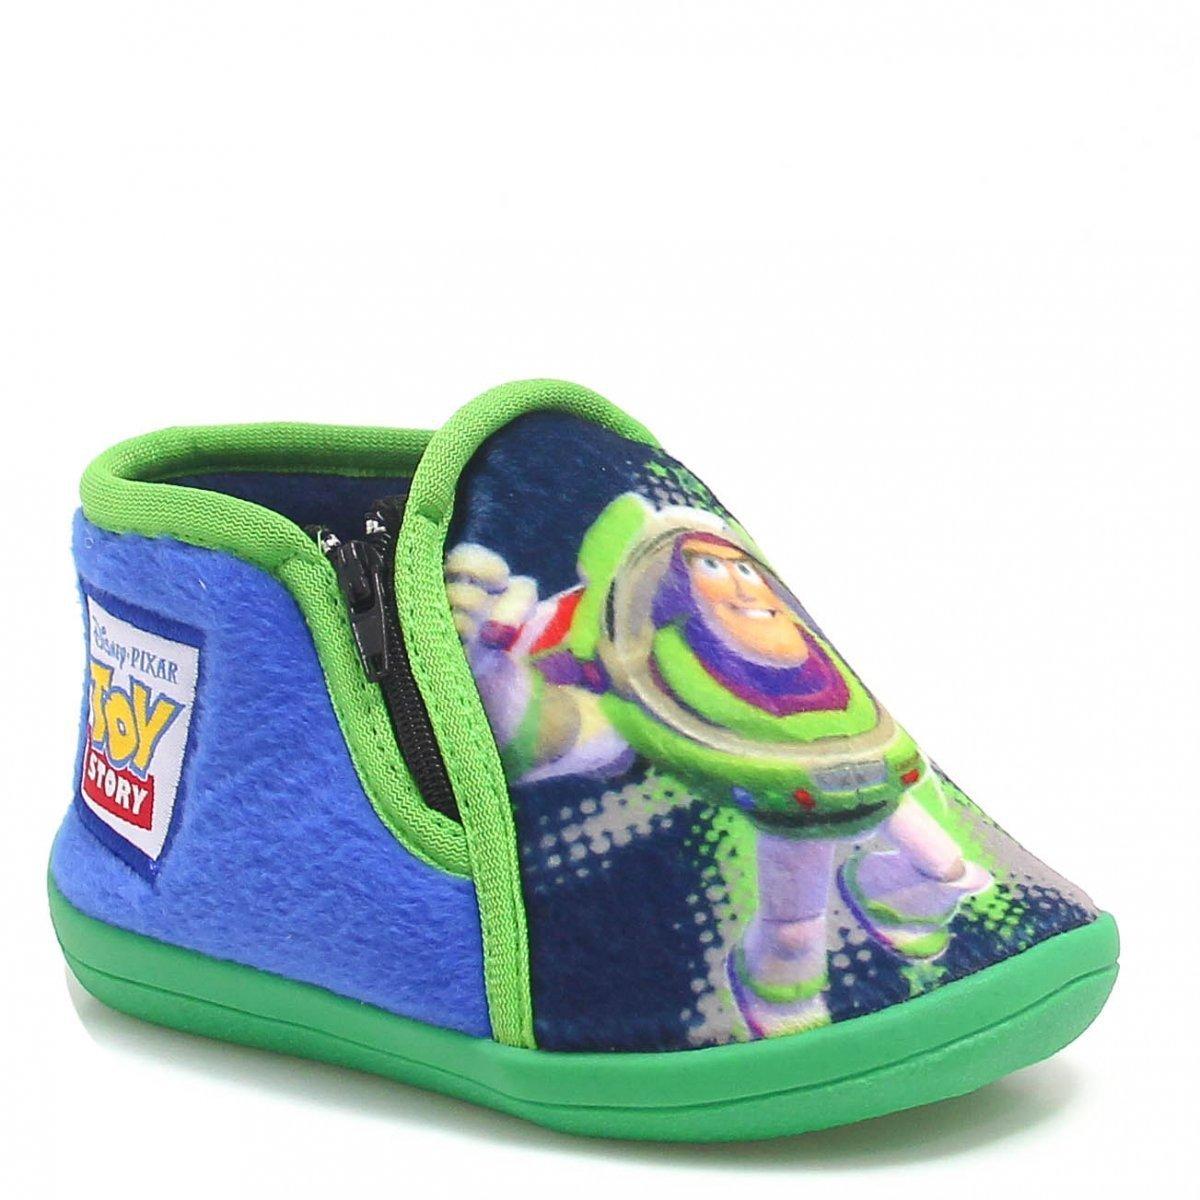 Pantufa Flat Infantil Buzz Lightyear Toy Story 27/28 - Ricsen 2527